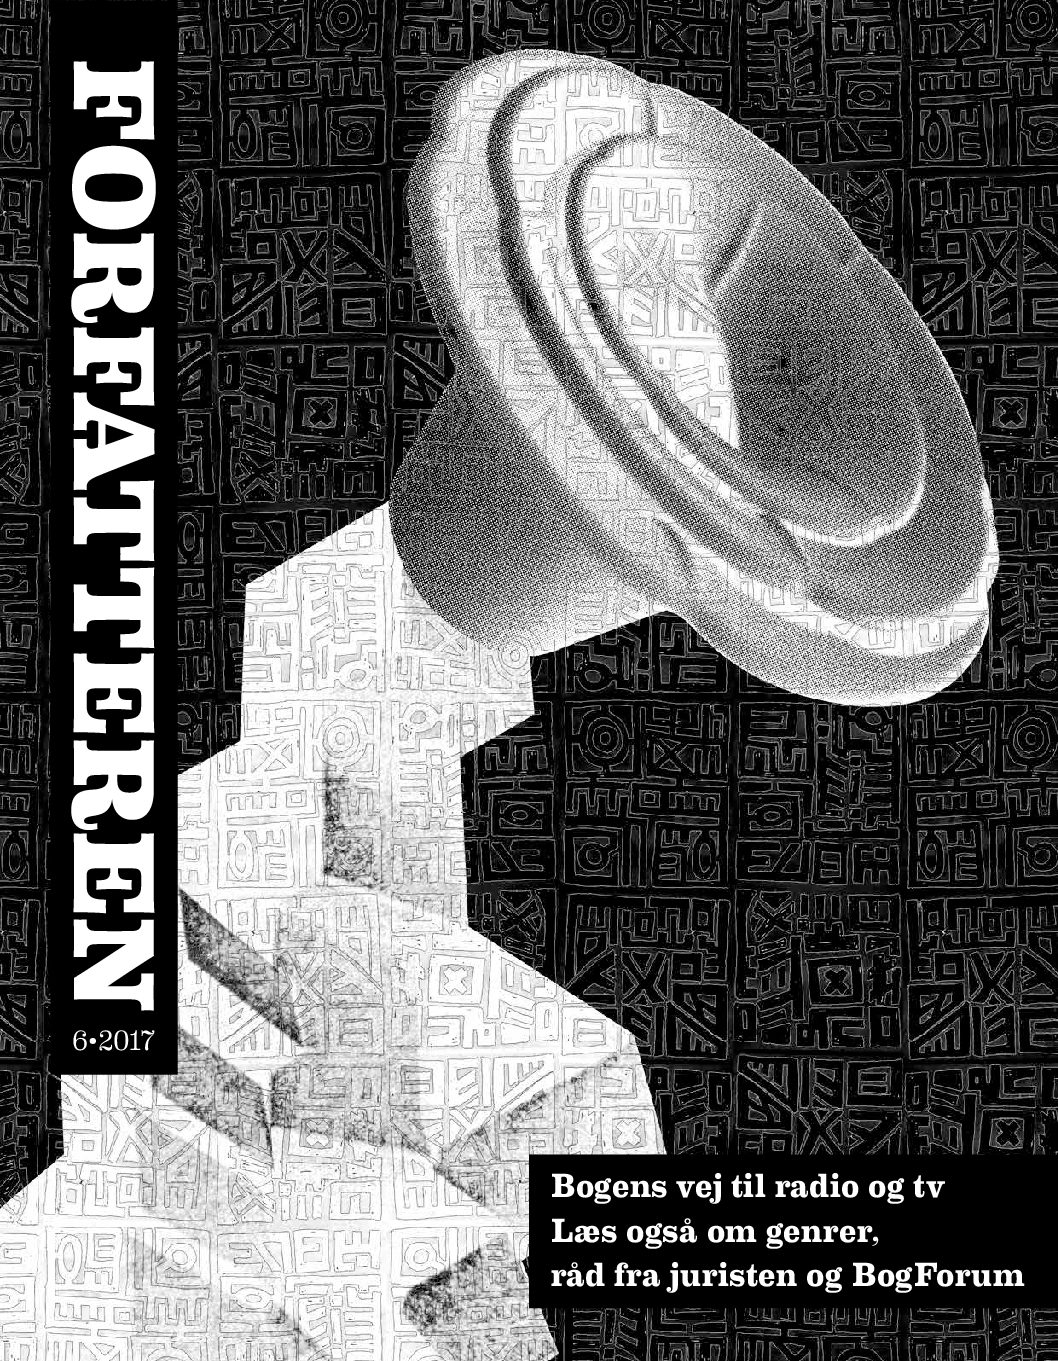 Den digitale bog og udlånet fra bibliotekerne